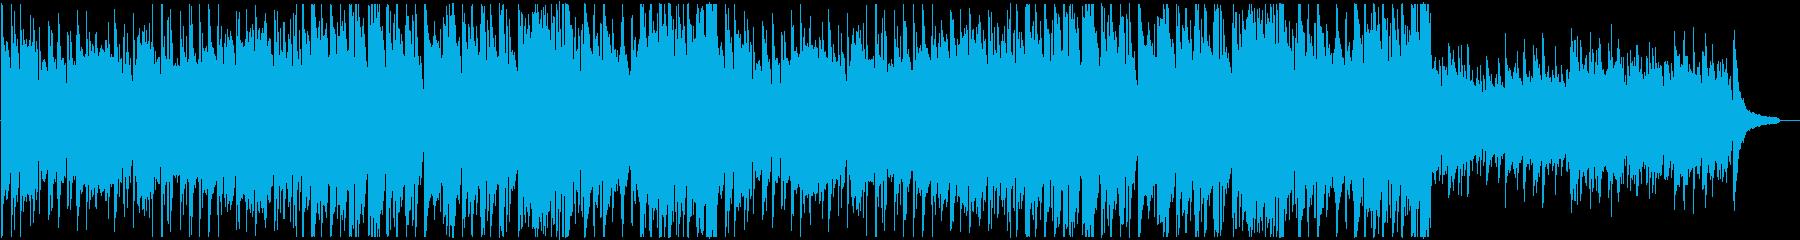 初夏をイメージしたBGMの再生済みの波形